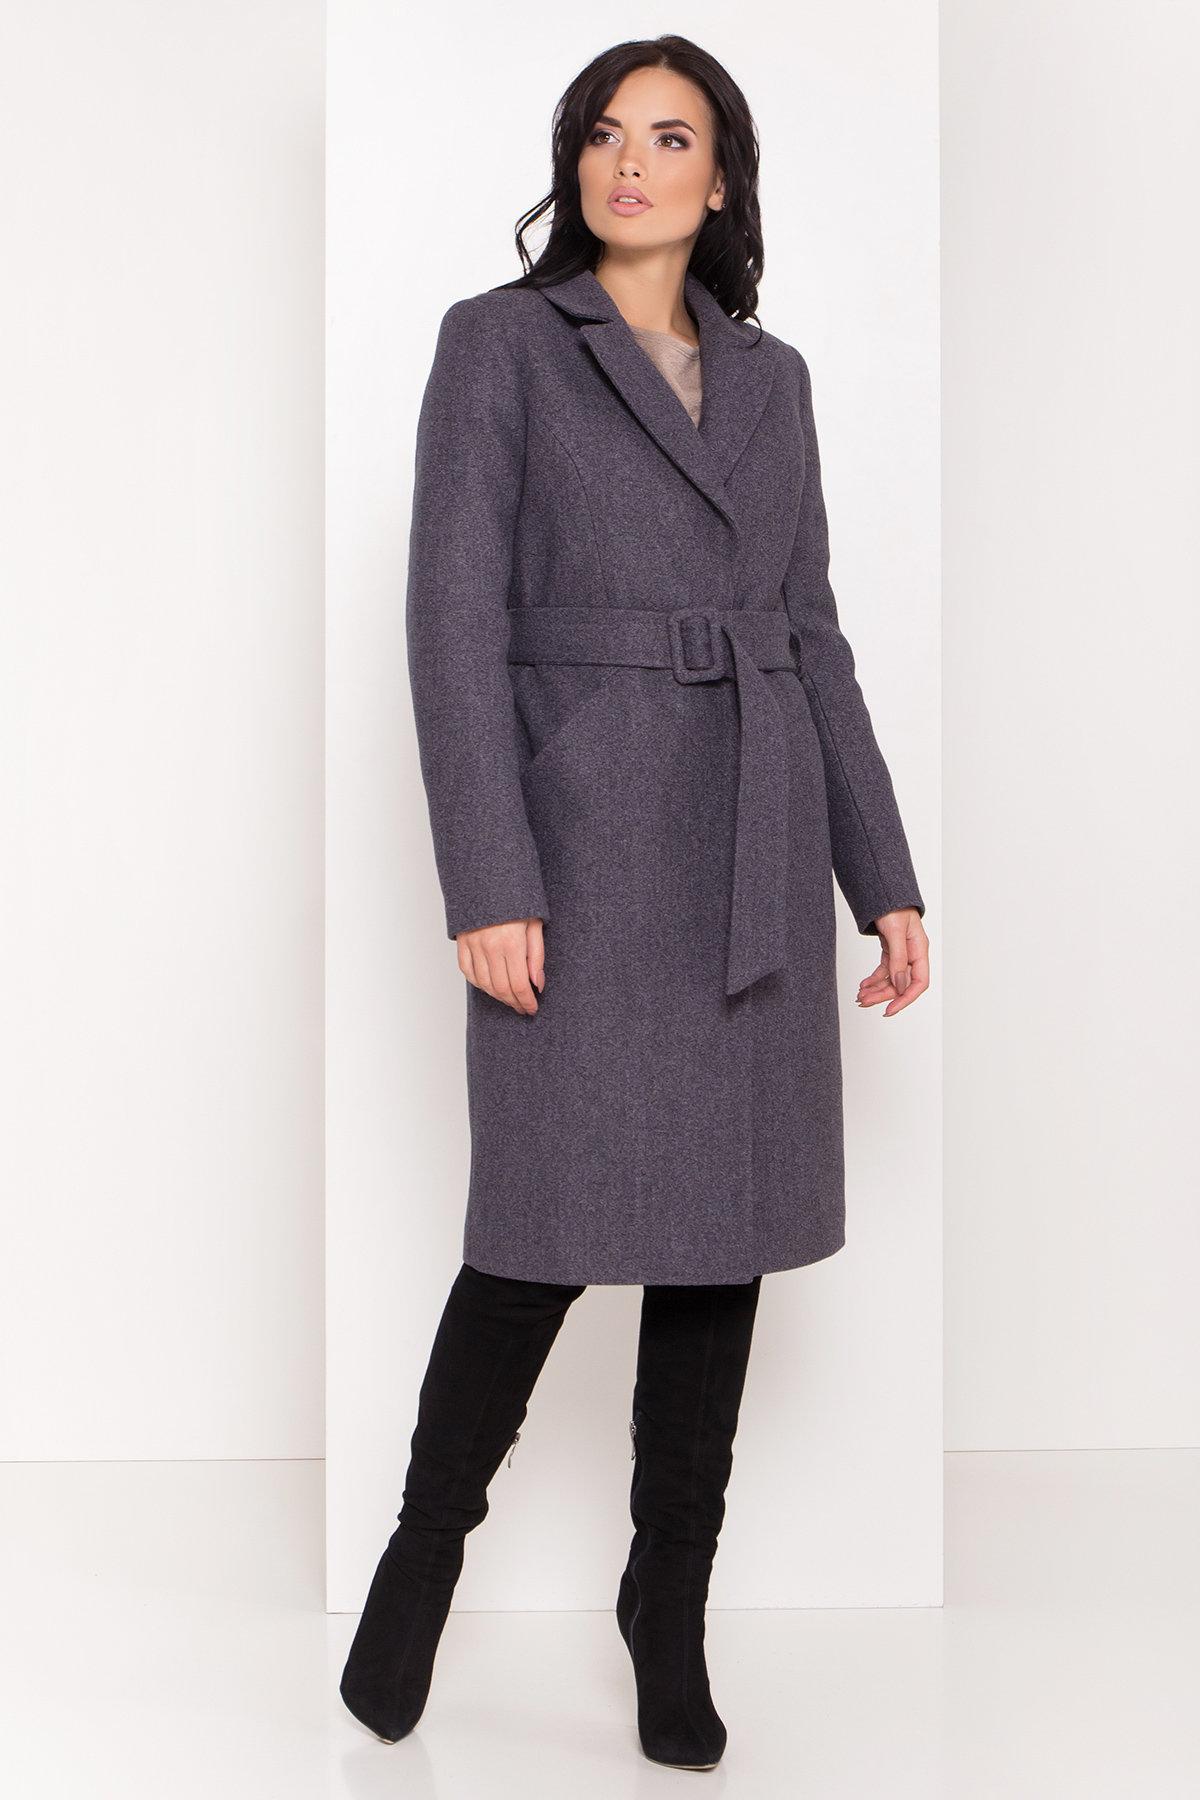 Купить зимнее женское пальто в Украине Modus Пальто зима Кареро 8067